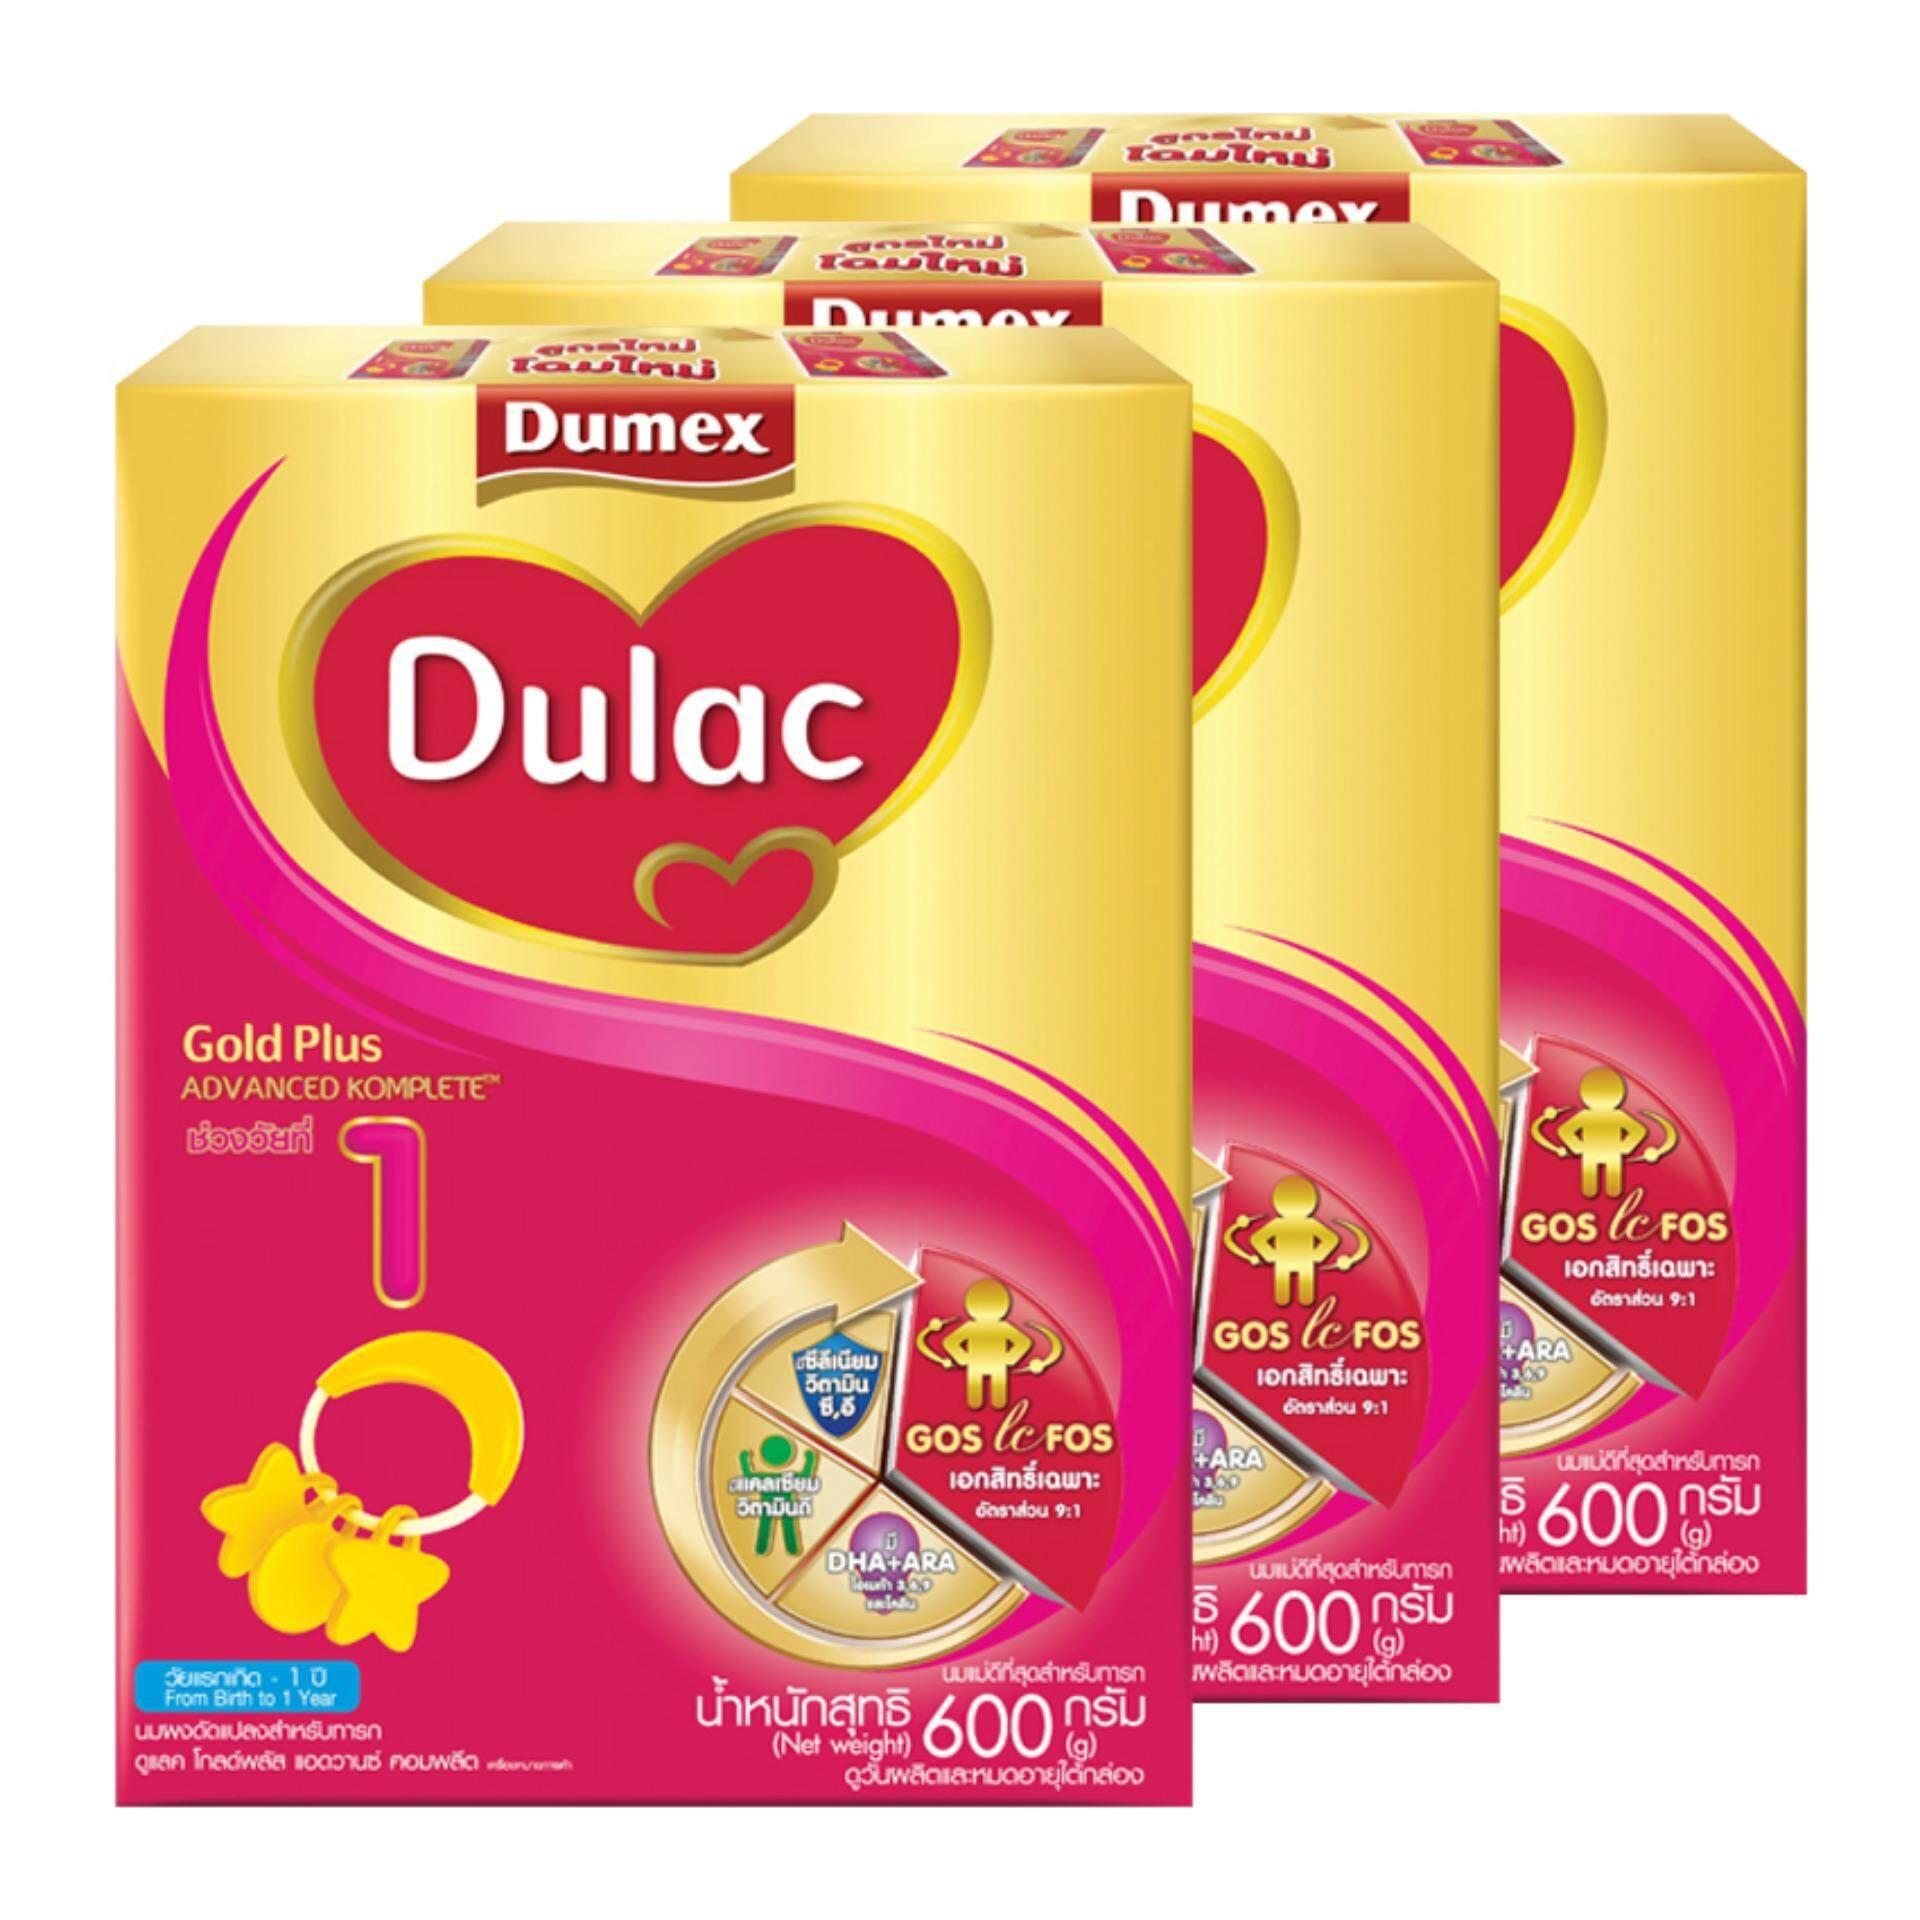 ซื้อ ขายยกลัง Dumex ดูเม็กซ์ นมผง โกลด์ พลัส1 600 กรัม ทั้งหมด 3 กล่อง Dumex ถูก